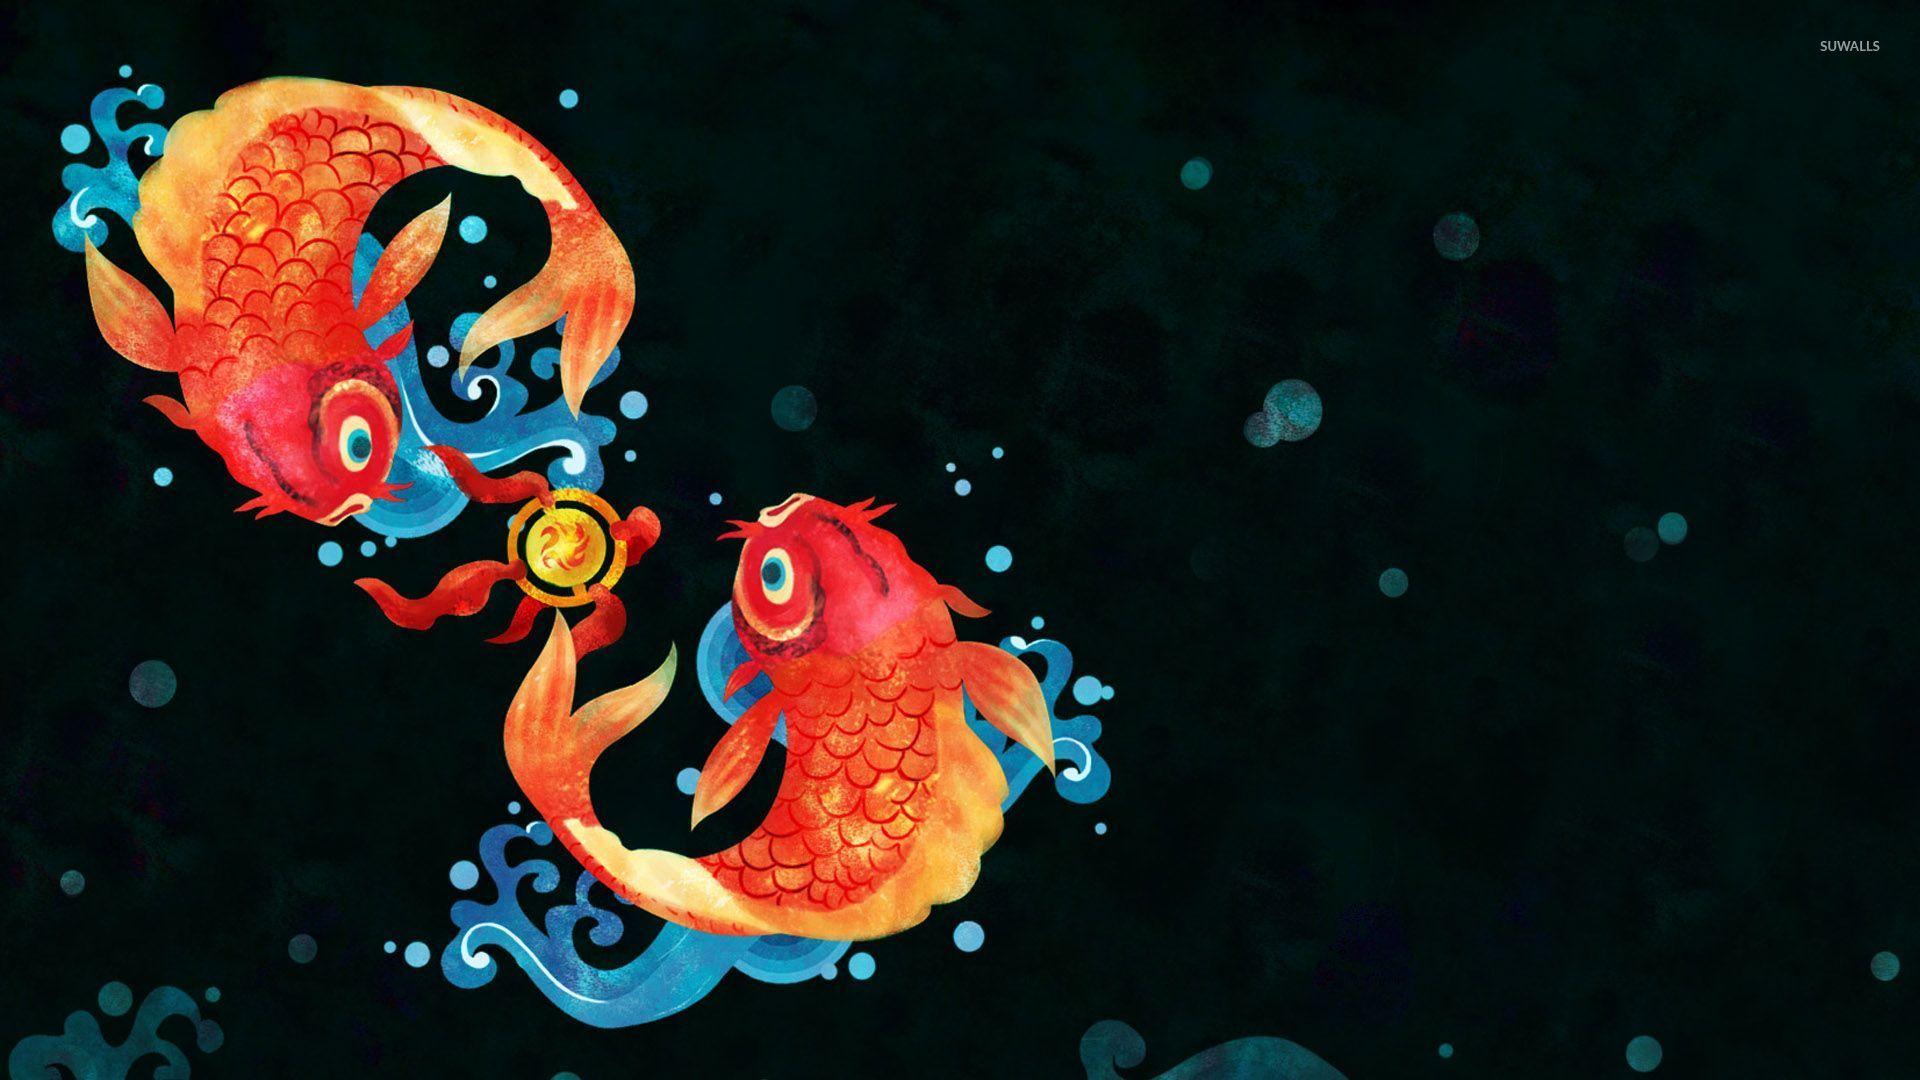 koi fish 2 wallpaper artistic wallpapers 28951